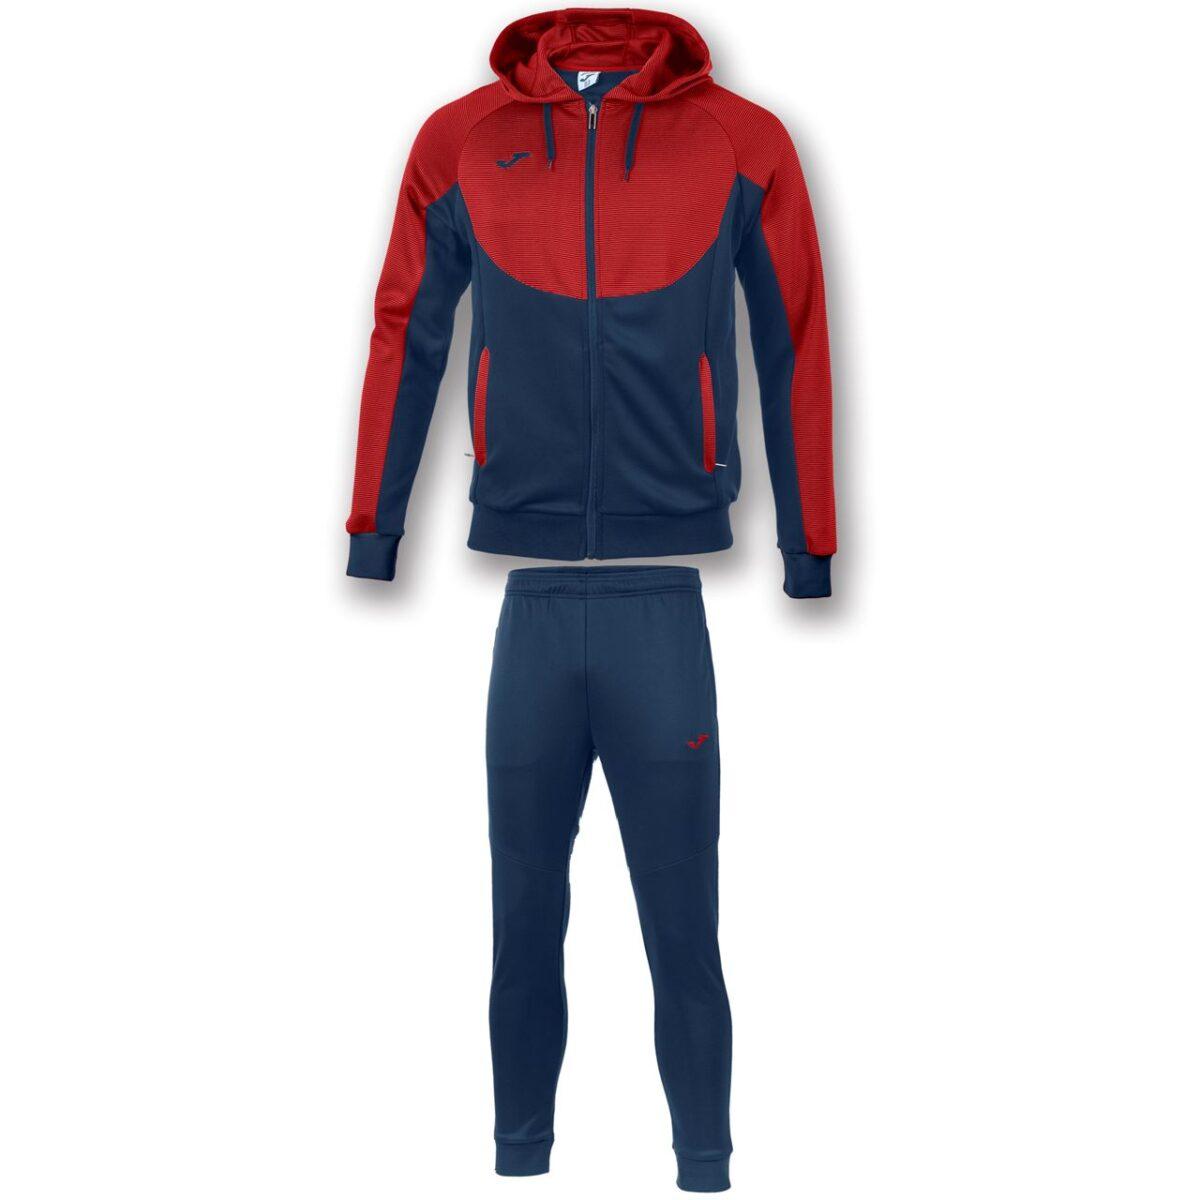 Joma Essential Hooded Tracksuit Junior 101019